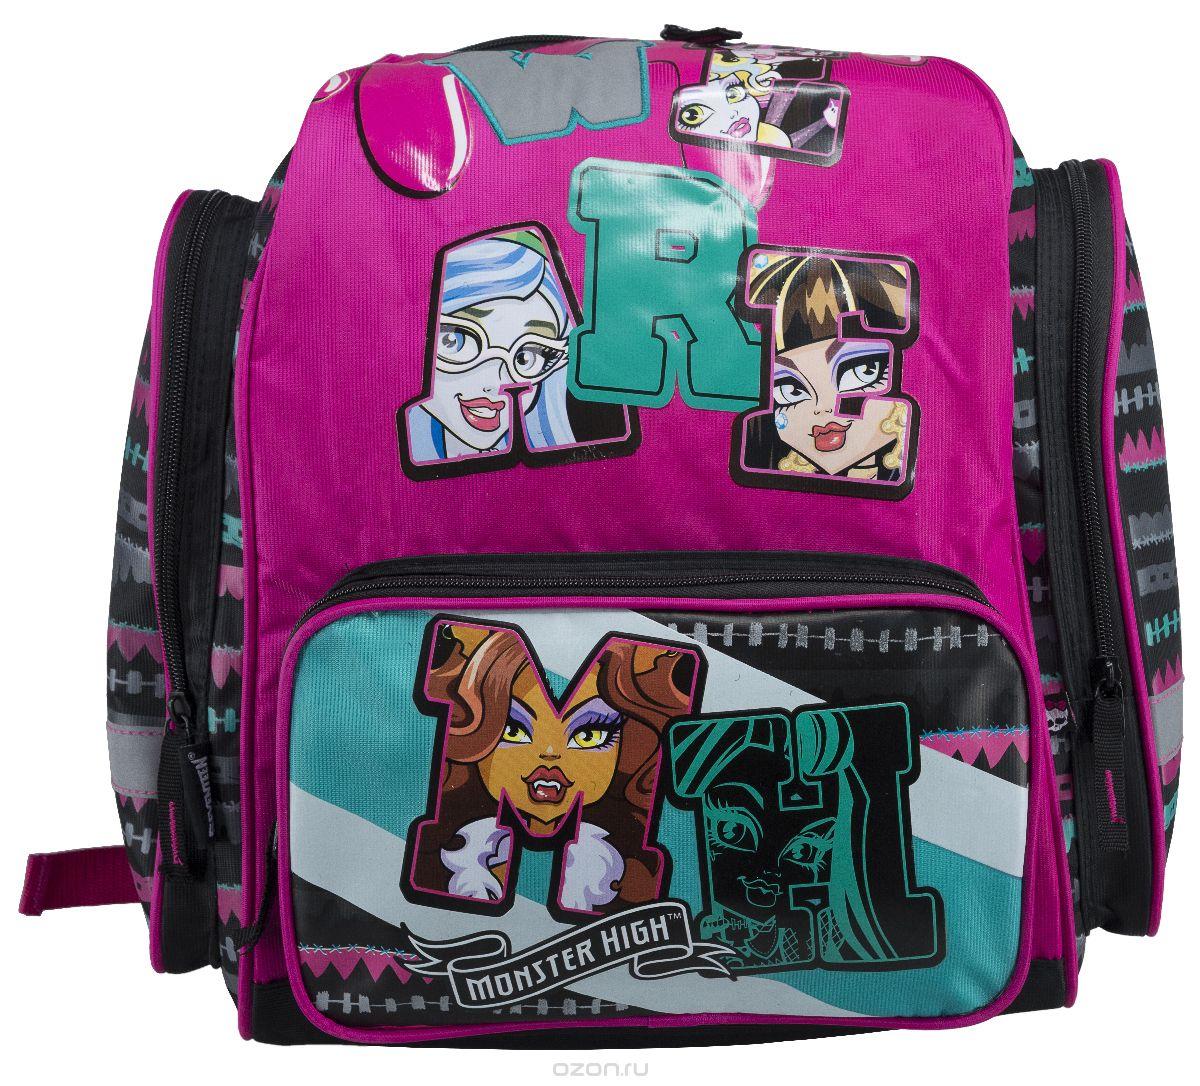 Рюкзак школьный Monster High, цвет: розовый, черный. MHCB-MT1-94572523WDРюкзак школьный Monster High понравится каждой девочке-поклоннице мультсериала Школа монстров. Выполнен из прочных и высококачественных материалов, дополнен изображением учениц Monster High.Содержит одно вместительное отделение, закрывающееся на застежку-молнию с двумя бегунками. Лицевая сторона оснащена накладным карманом на застежке-молнии. По бокам расположены два накладных кармана на молнии. Специально разработанная архитектура спинки со стабилизирующими набивными элементами повторяет естественный изгиб позвоночника. Набивные элементы обеспечивают вентиляцию спины ребенка. Мягкие широкие лямки позволяют легко и быстро отрегулировать рюкзак в соответствии с ростом. Рюкзак оснащен эргономичной ручкой для удобной переноски в руке. Светоотражающие элементы обеспечивают безопасность в темное время суток.Такой школьный рюкзак станет незаменимым спутником вашего ребенка в походах за знаниями.Вес рюкзака без наполнения: 700 г.Рекомендуемый возраст: от 12 лет.